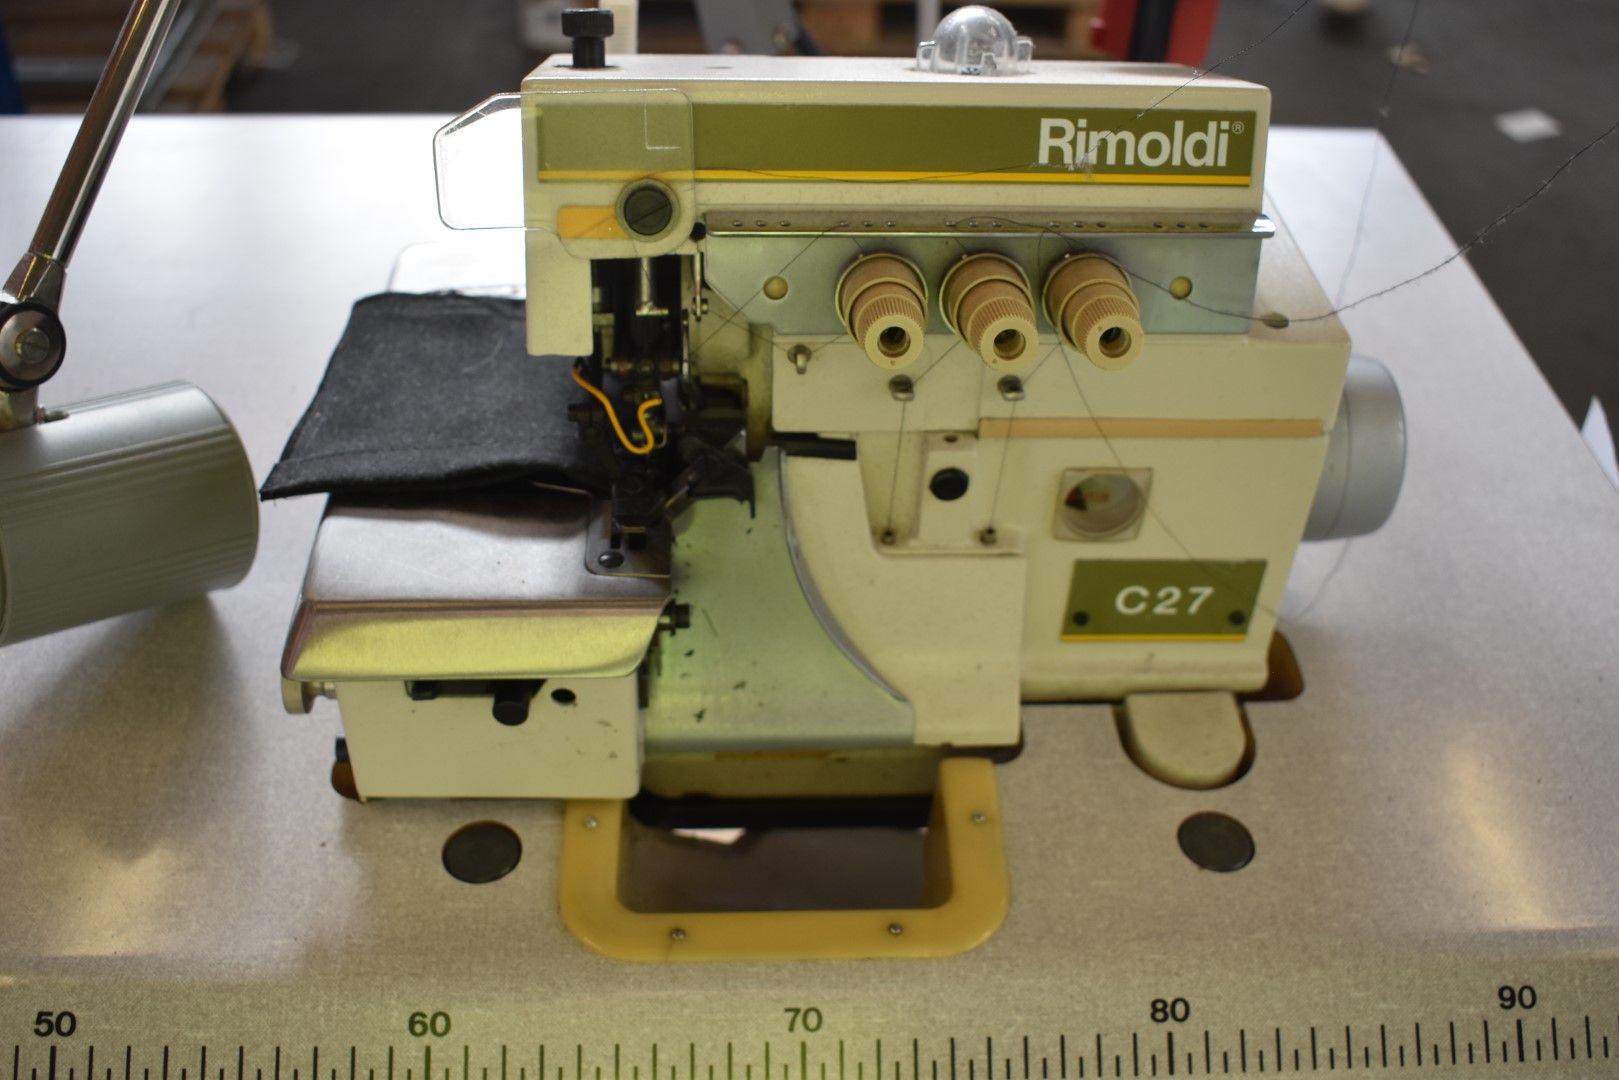 Rimoldi C27 Overlockmaschine